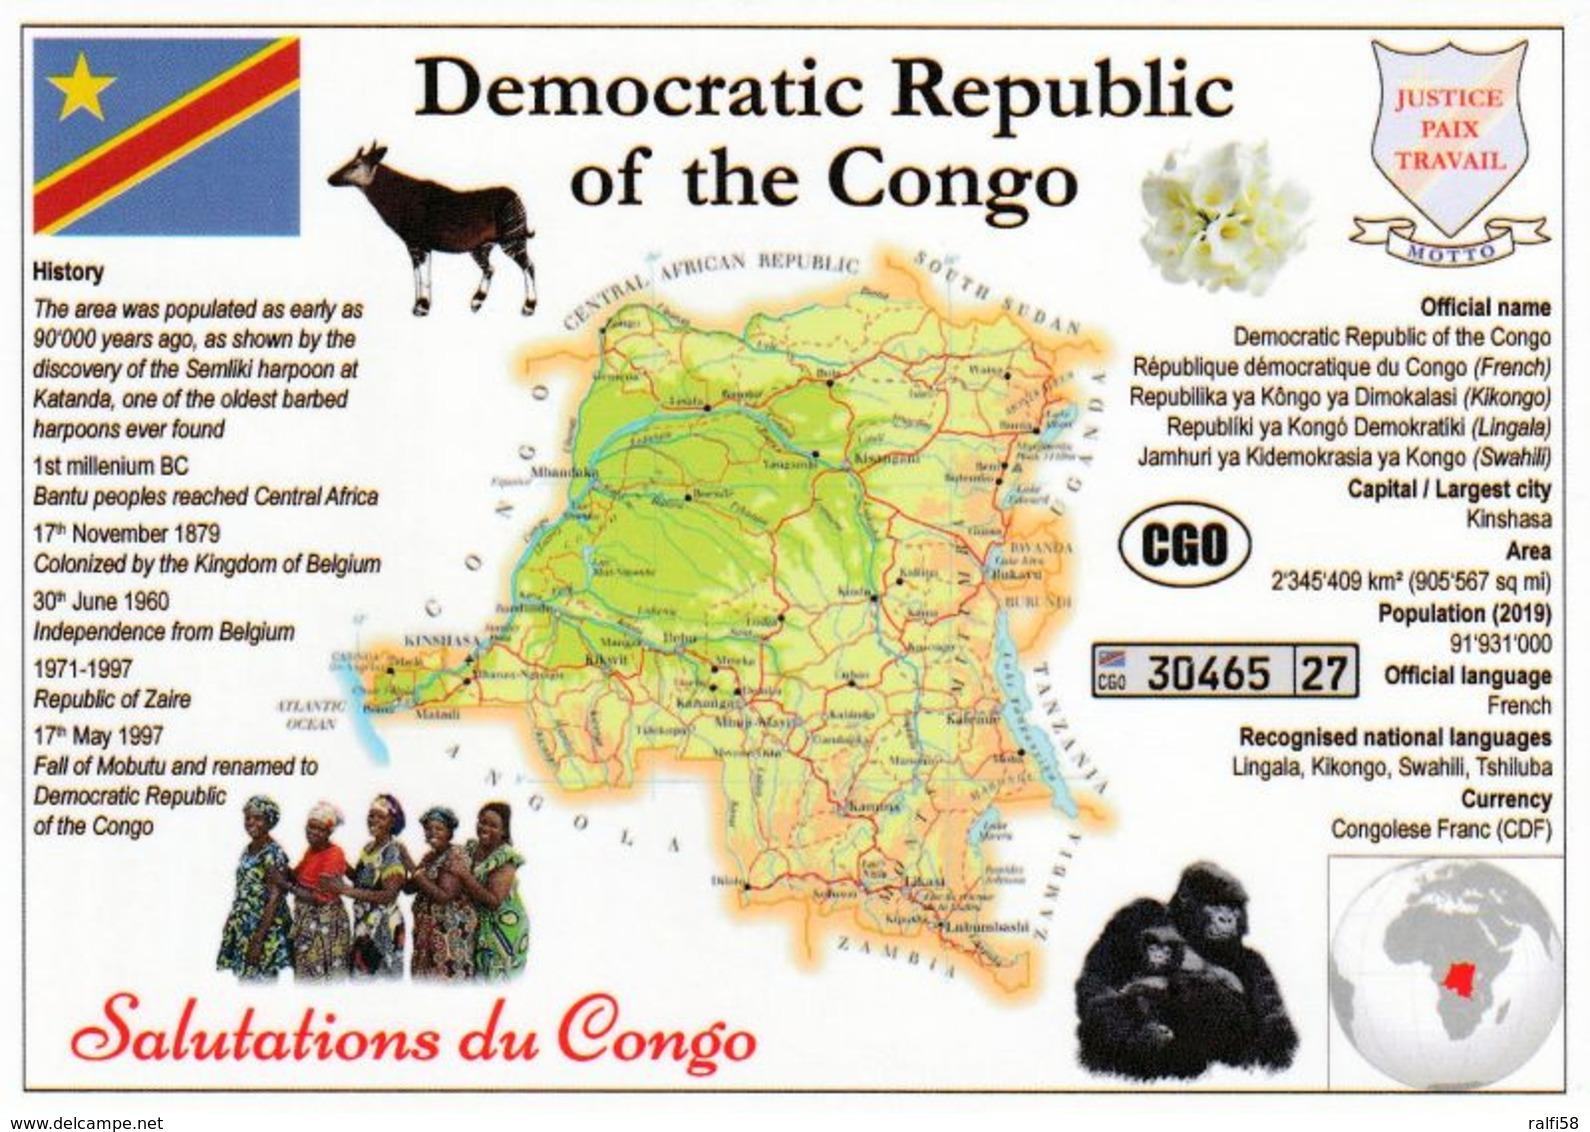 1 Map Of Democratic Republic Of Congo * Landkarte Demokratische Republik Kongo, Flagge Und Weiteren Informationen * - Congo - Kinshasa (ex Zaire)